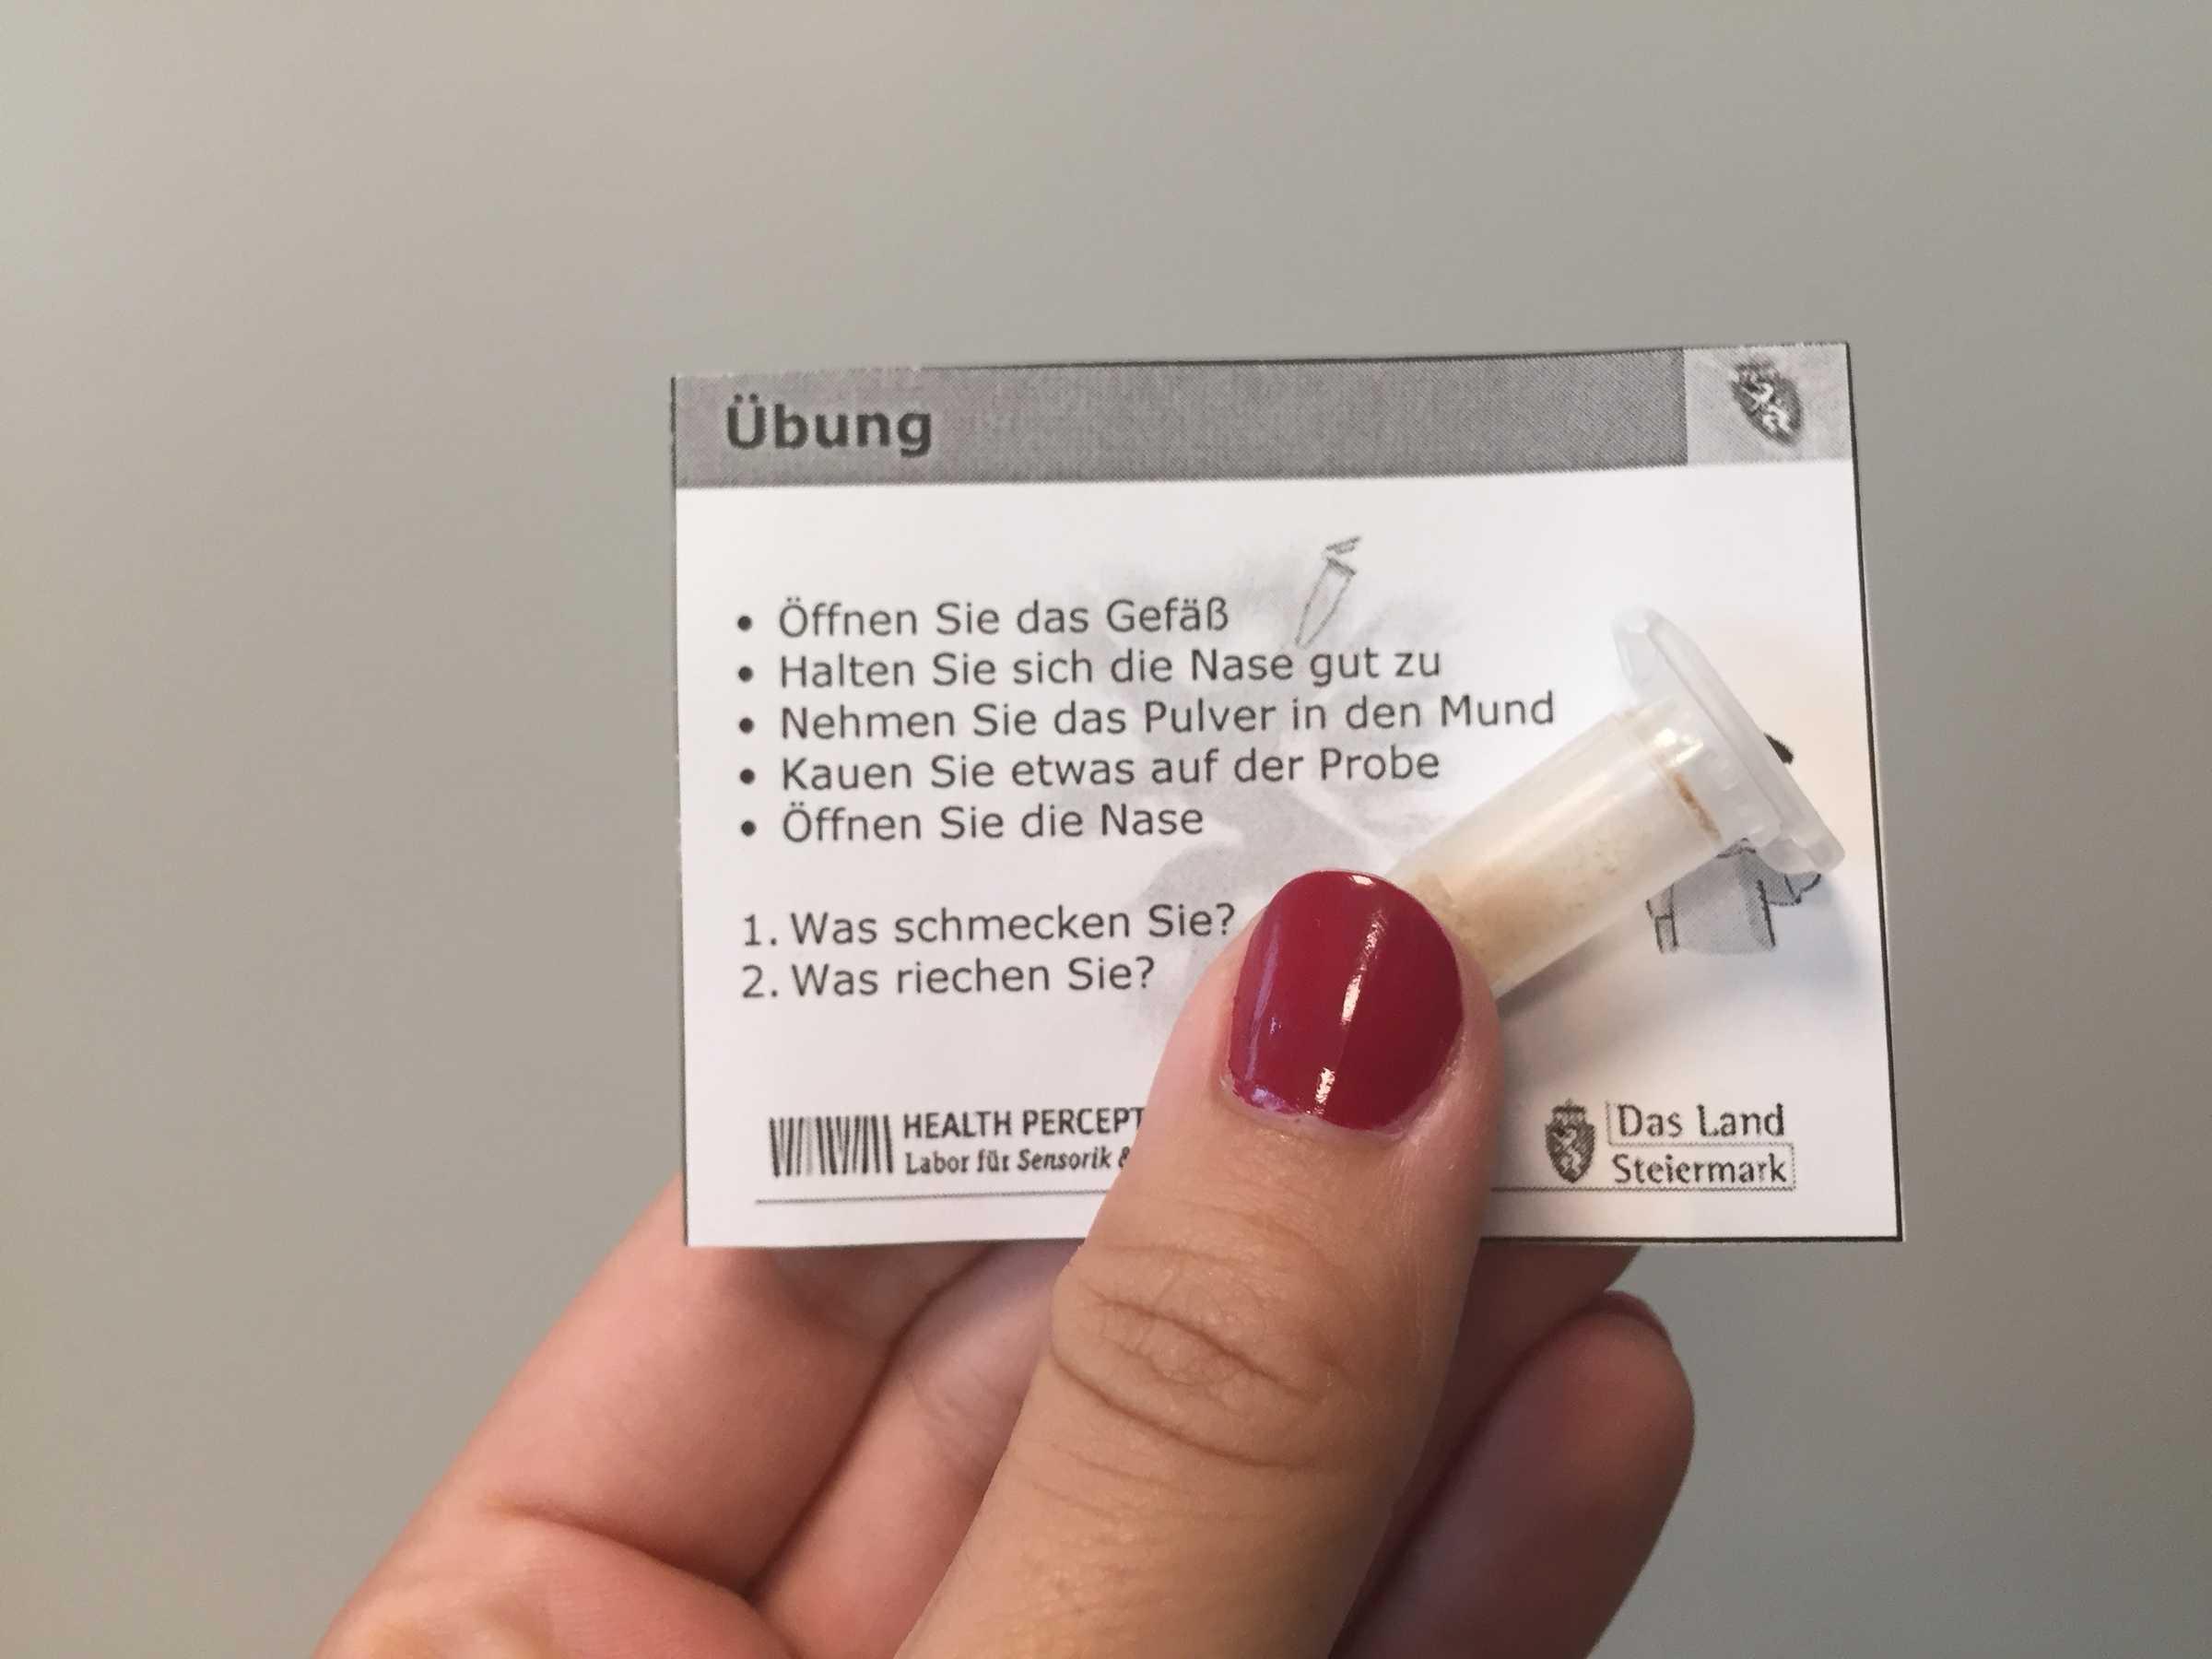 Die Übungsanleitung mit einem Plastikröhrchen, in dem eine Gewürzmischung enthalten ist.